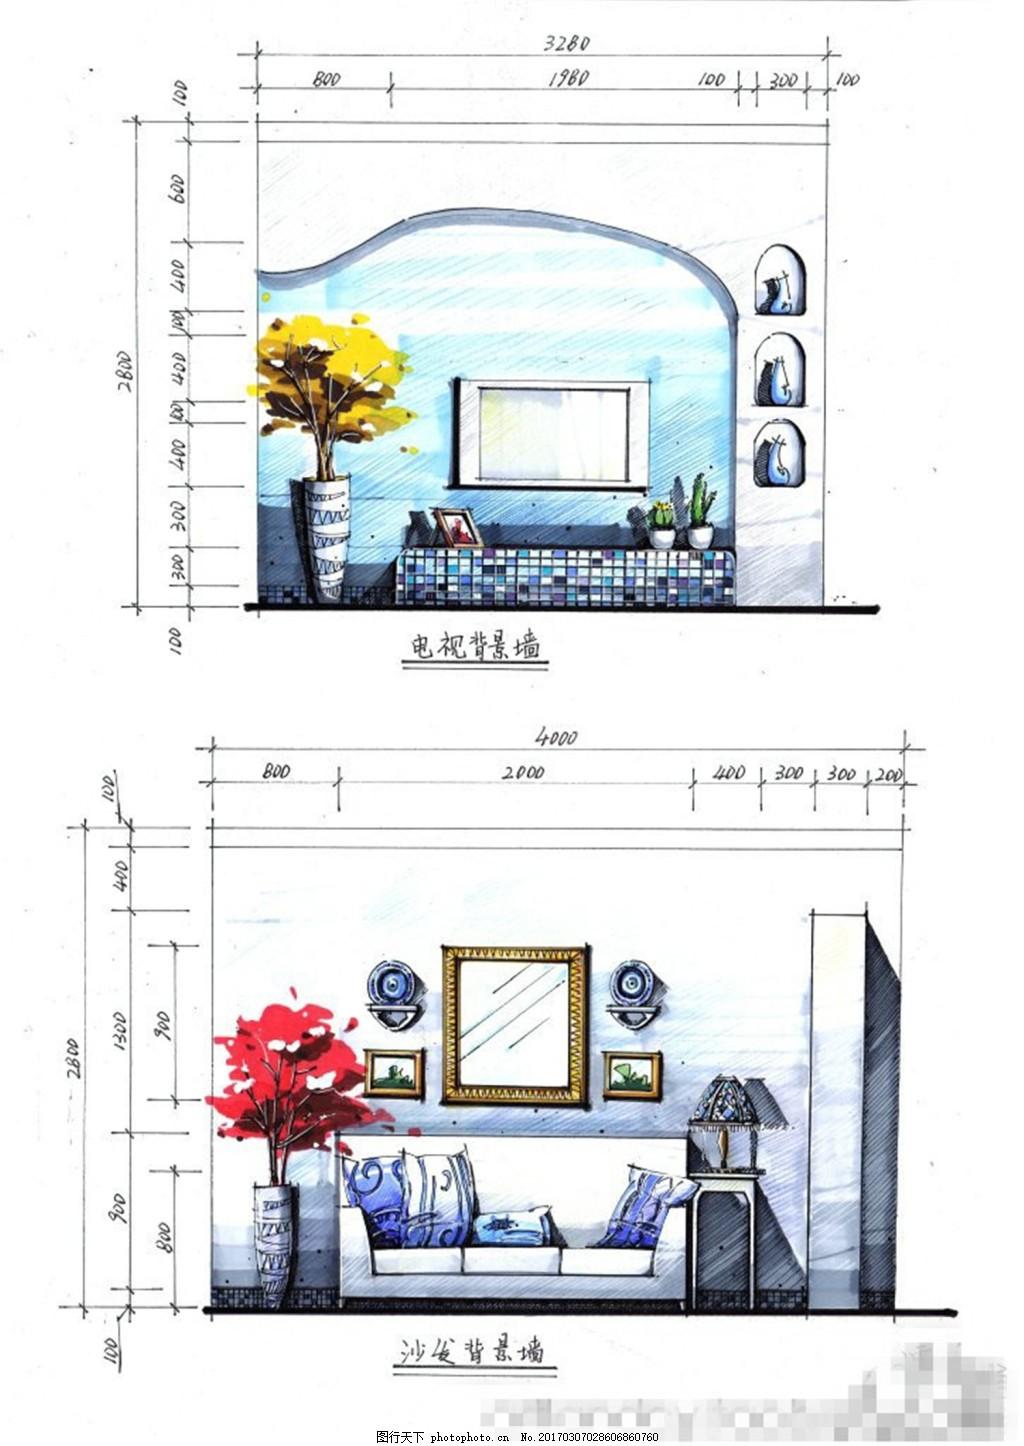 快题设计家居客厅施工图 室内设计 家装效果图 家装平面图 家装效果图